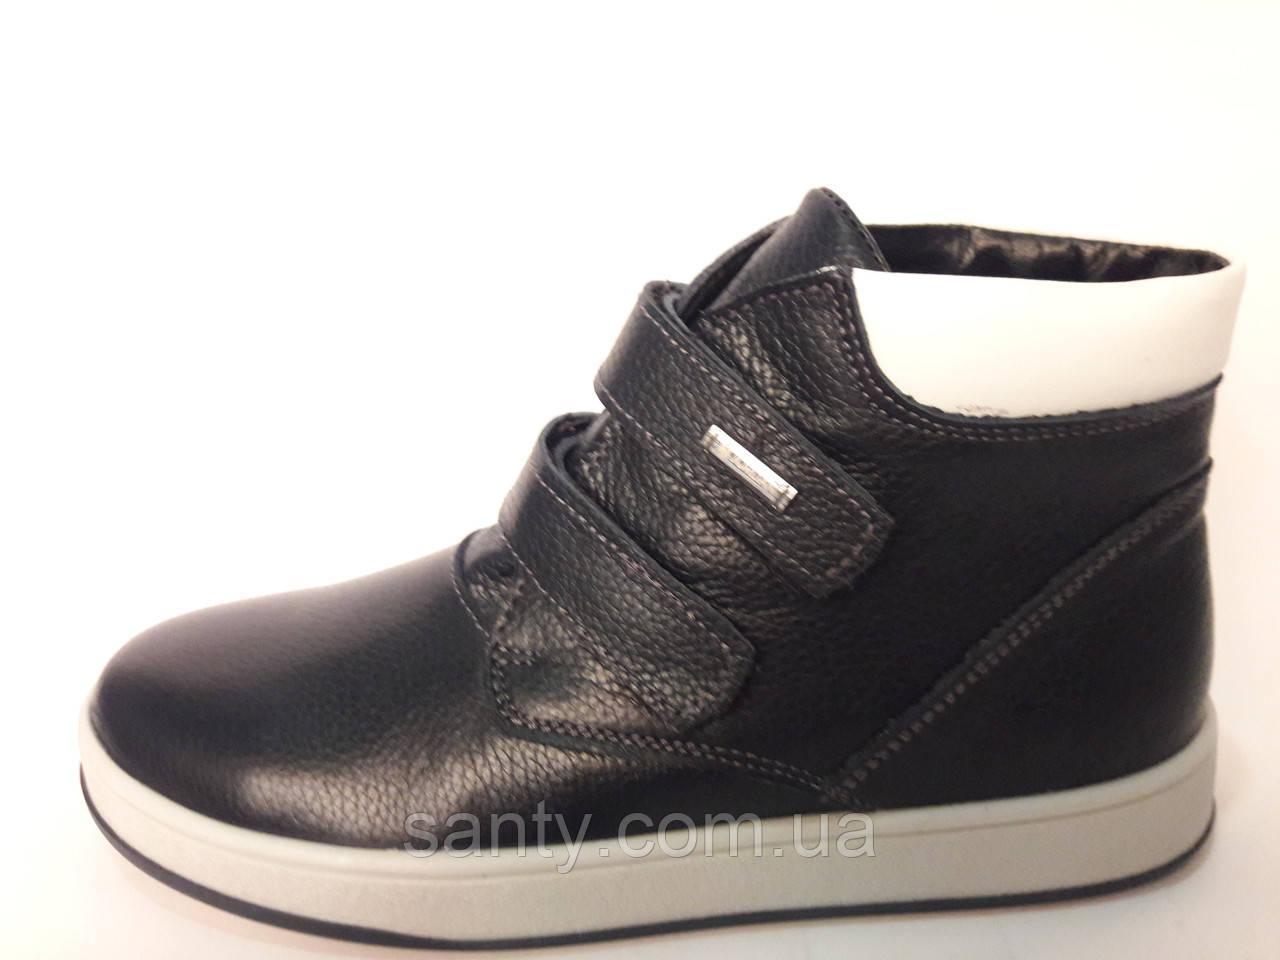 Демисезонные ботиночки из натуральной кожи